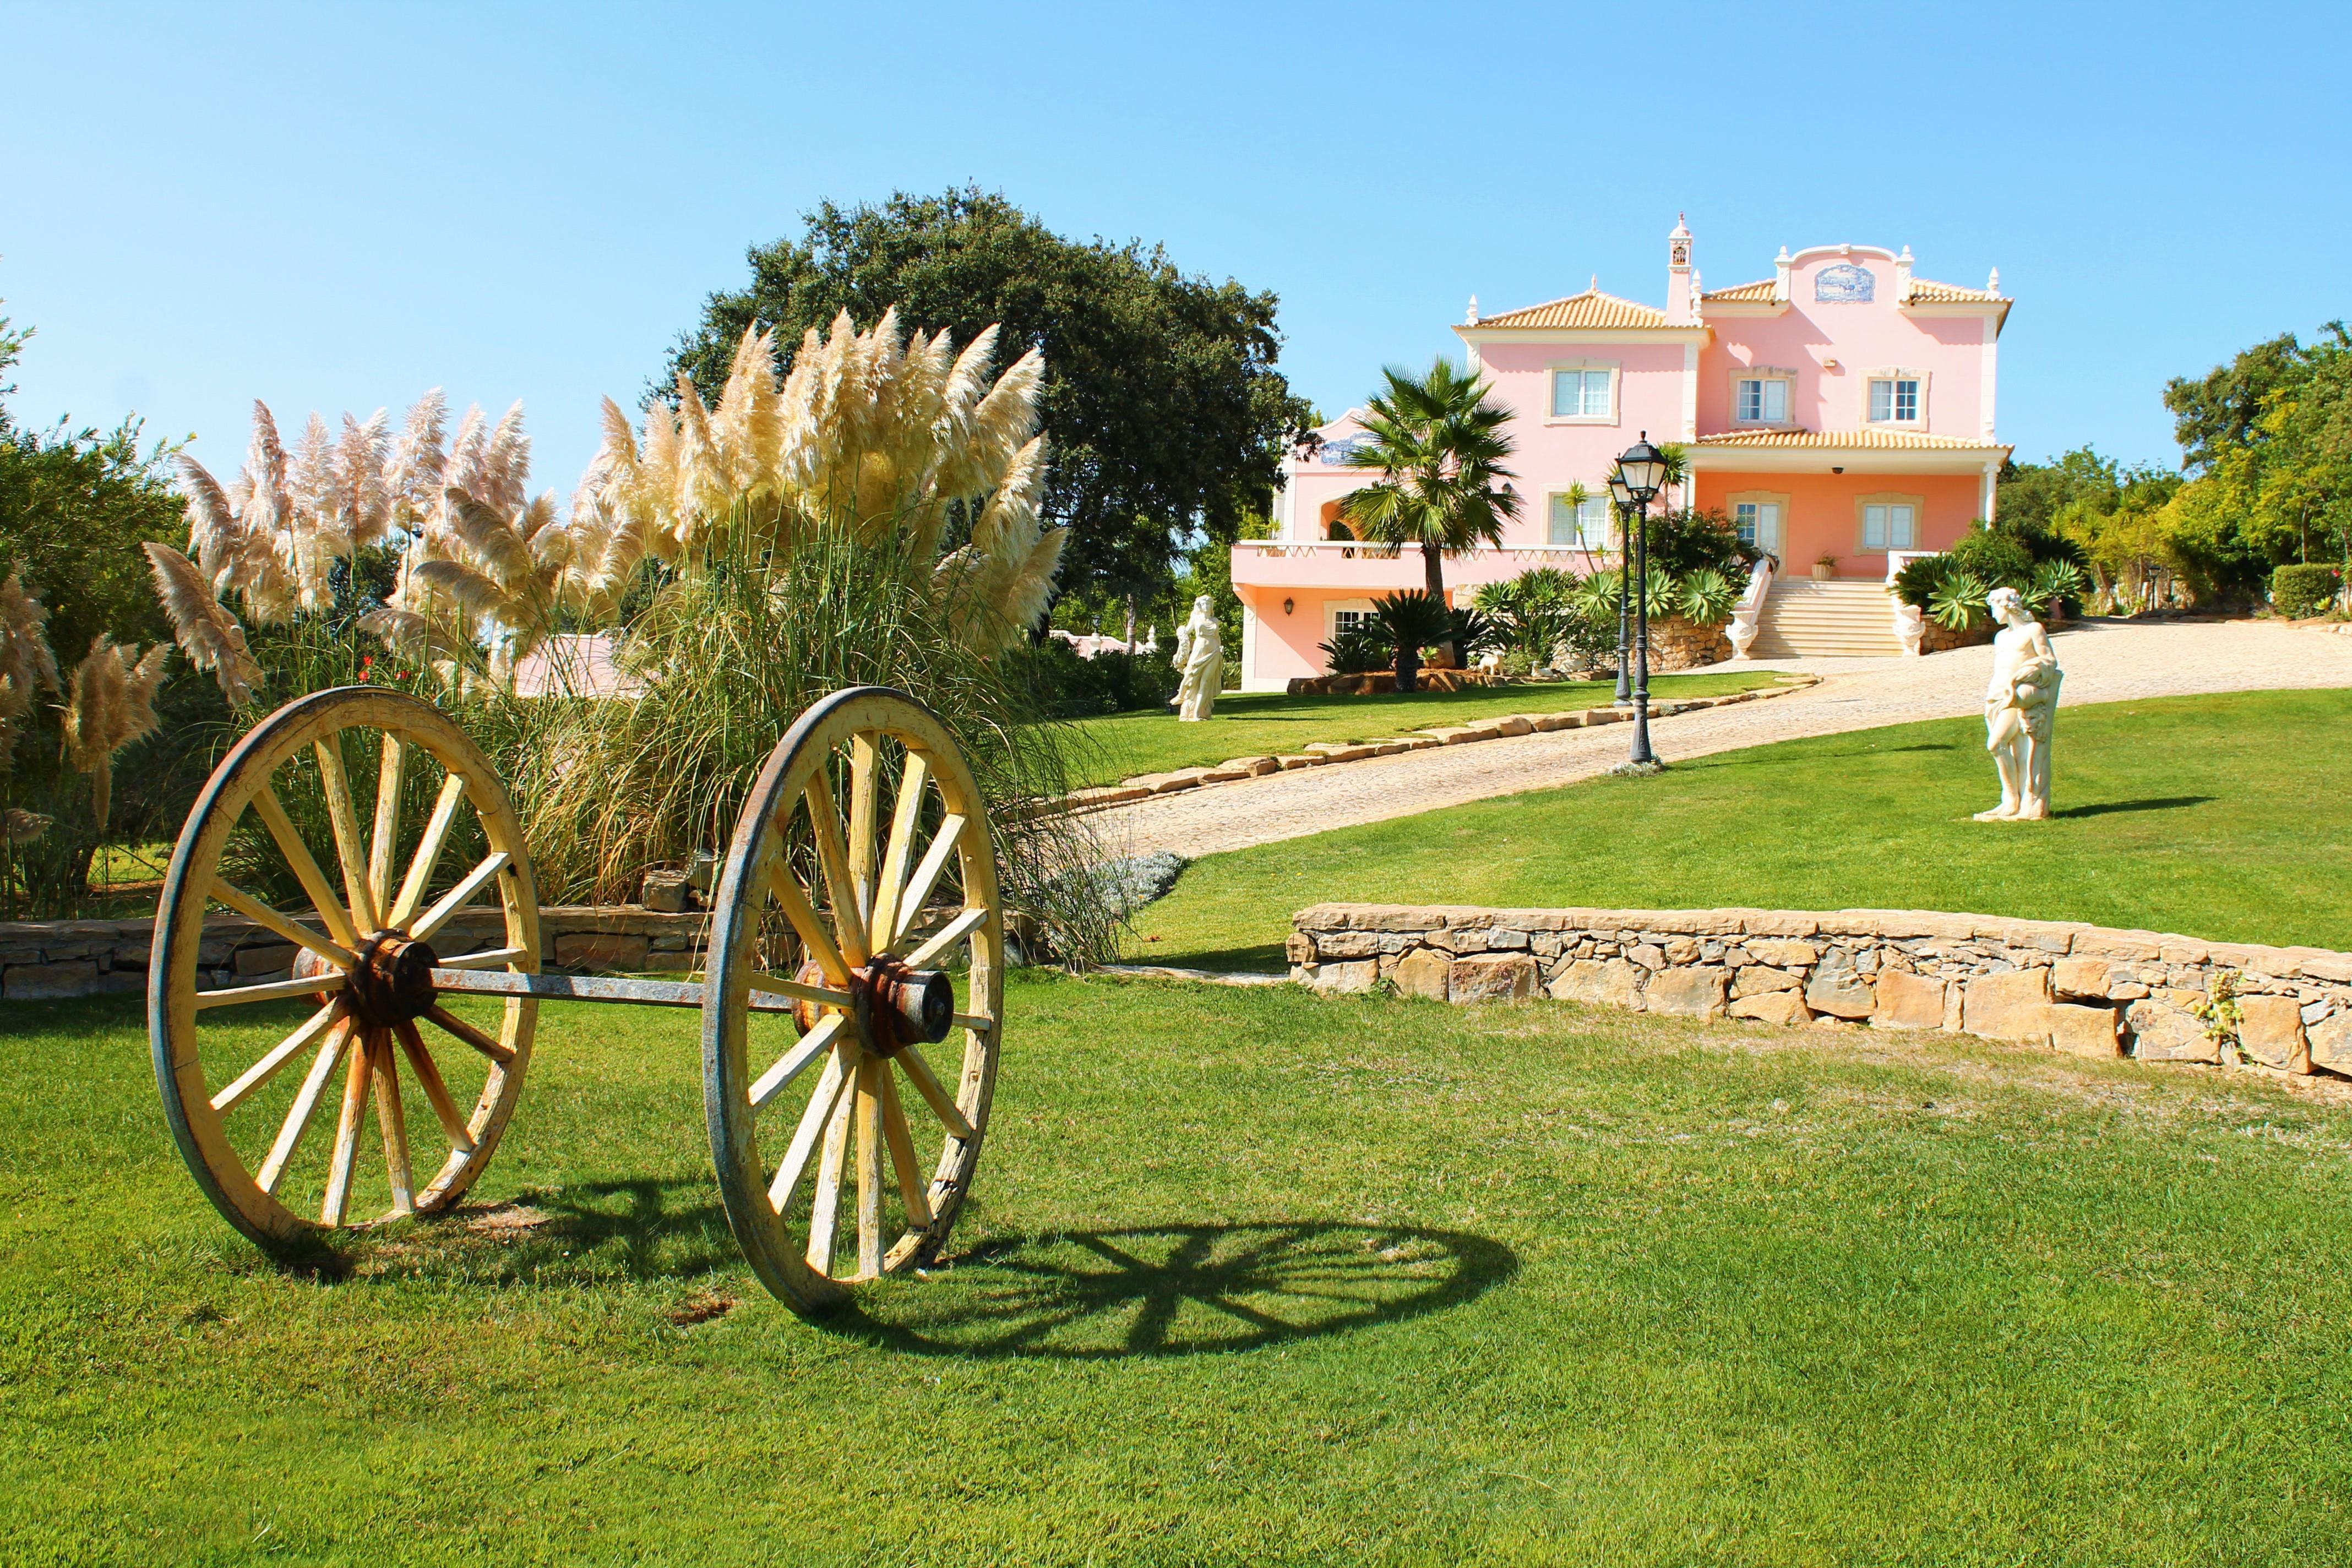 Villa per Vendita alle ore Detached house, 5 bedrooms, for Sale Loule, Algarve - Portogallo